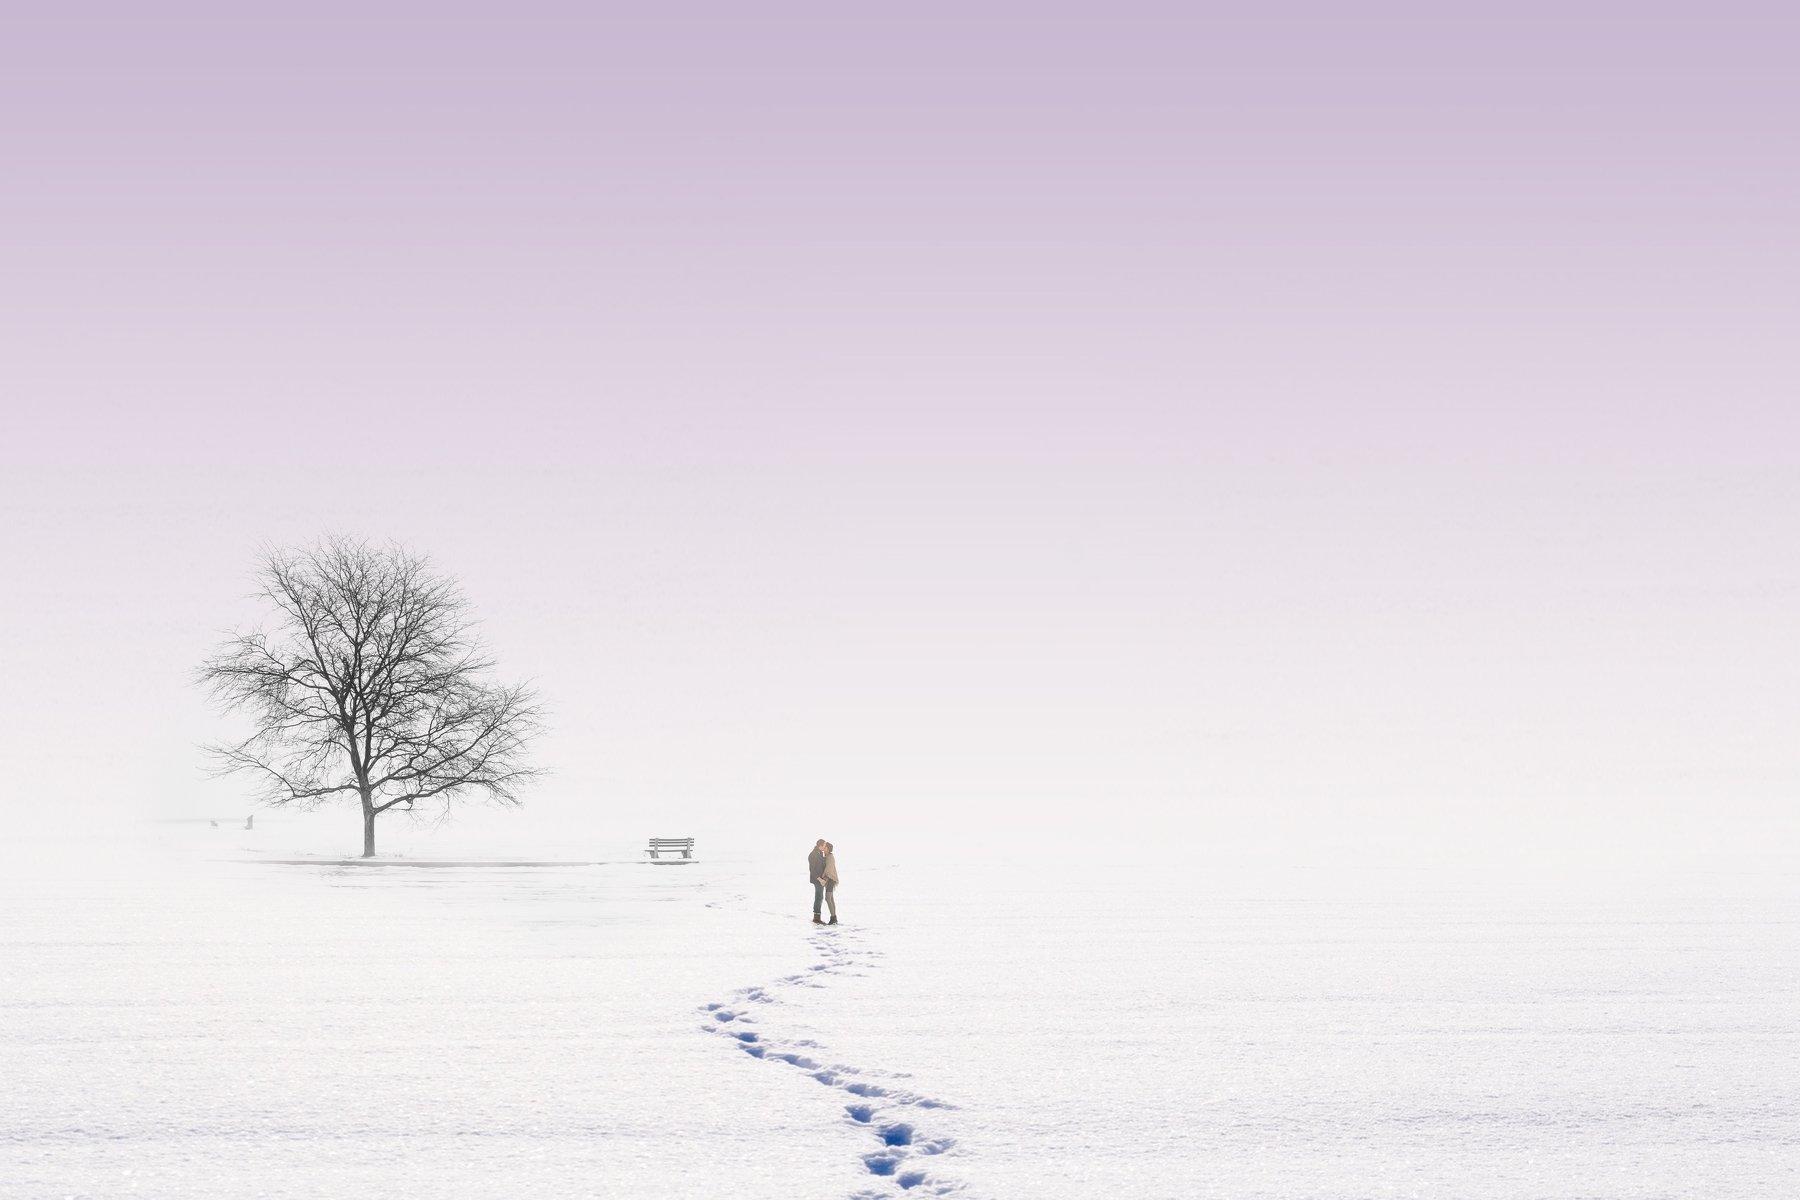 бескрайняя любовь молодожены свадьба свадебное прогулка зима снег дерево природа пейзаж холод любовь помолейко pomoleyko wedding lovely, Павел Помолейко